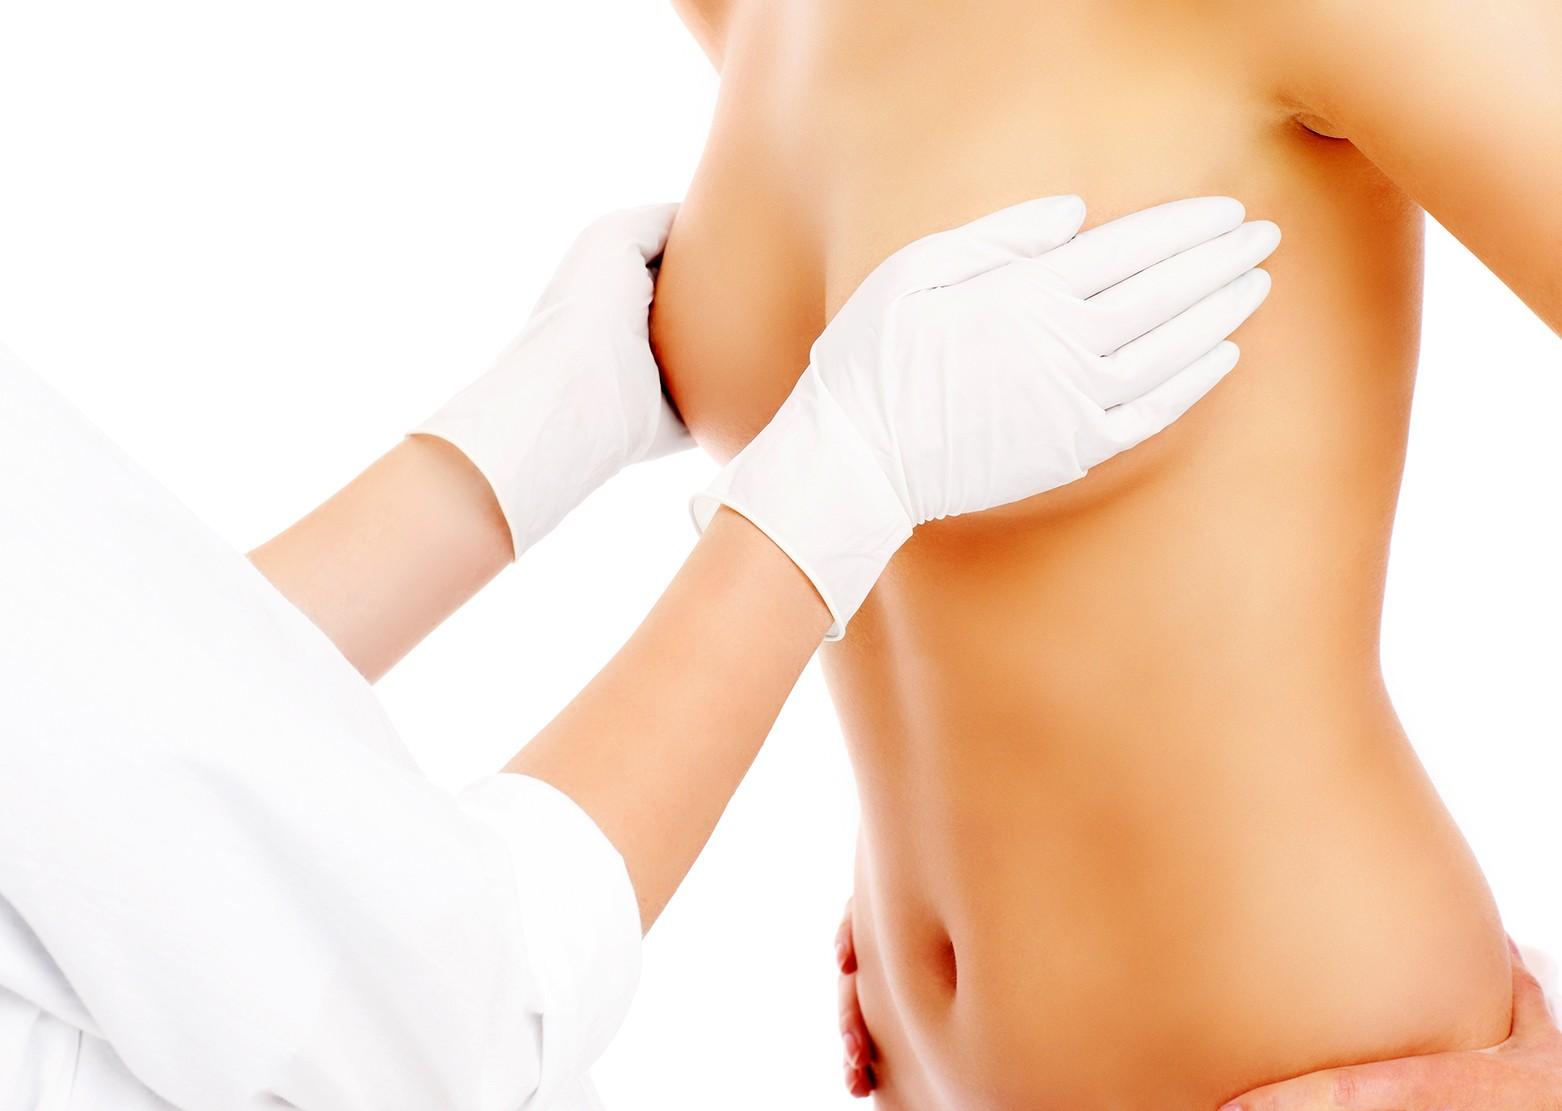 Мастопатия молочной железы: фото, причины и симптомы, лечение